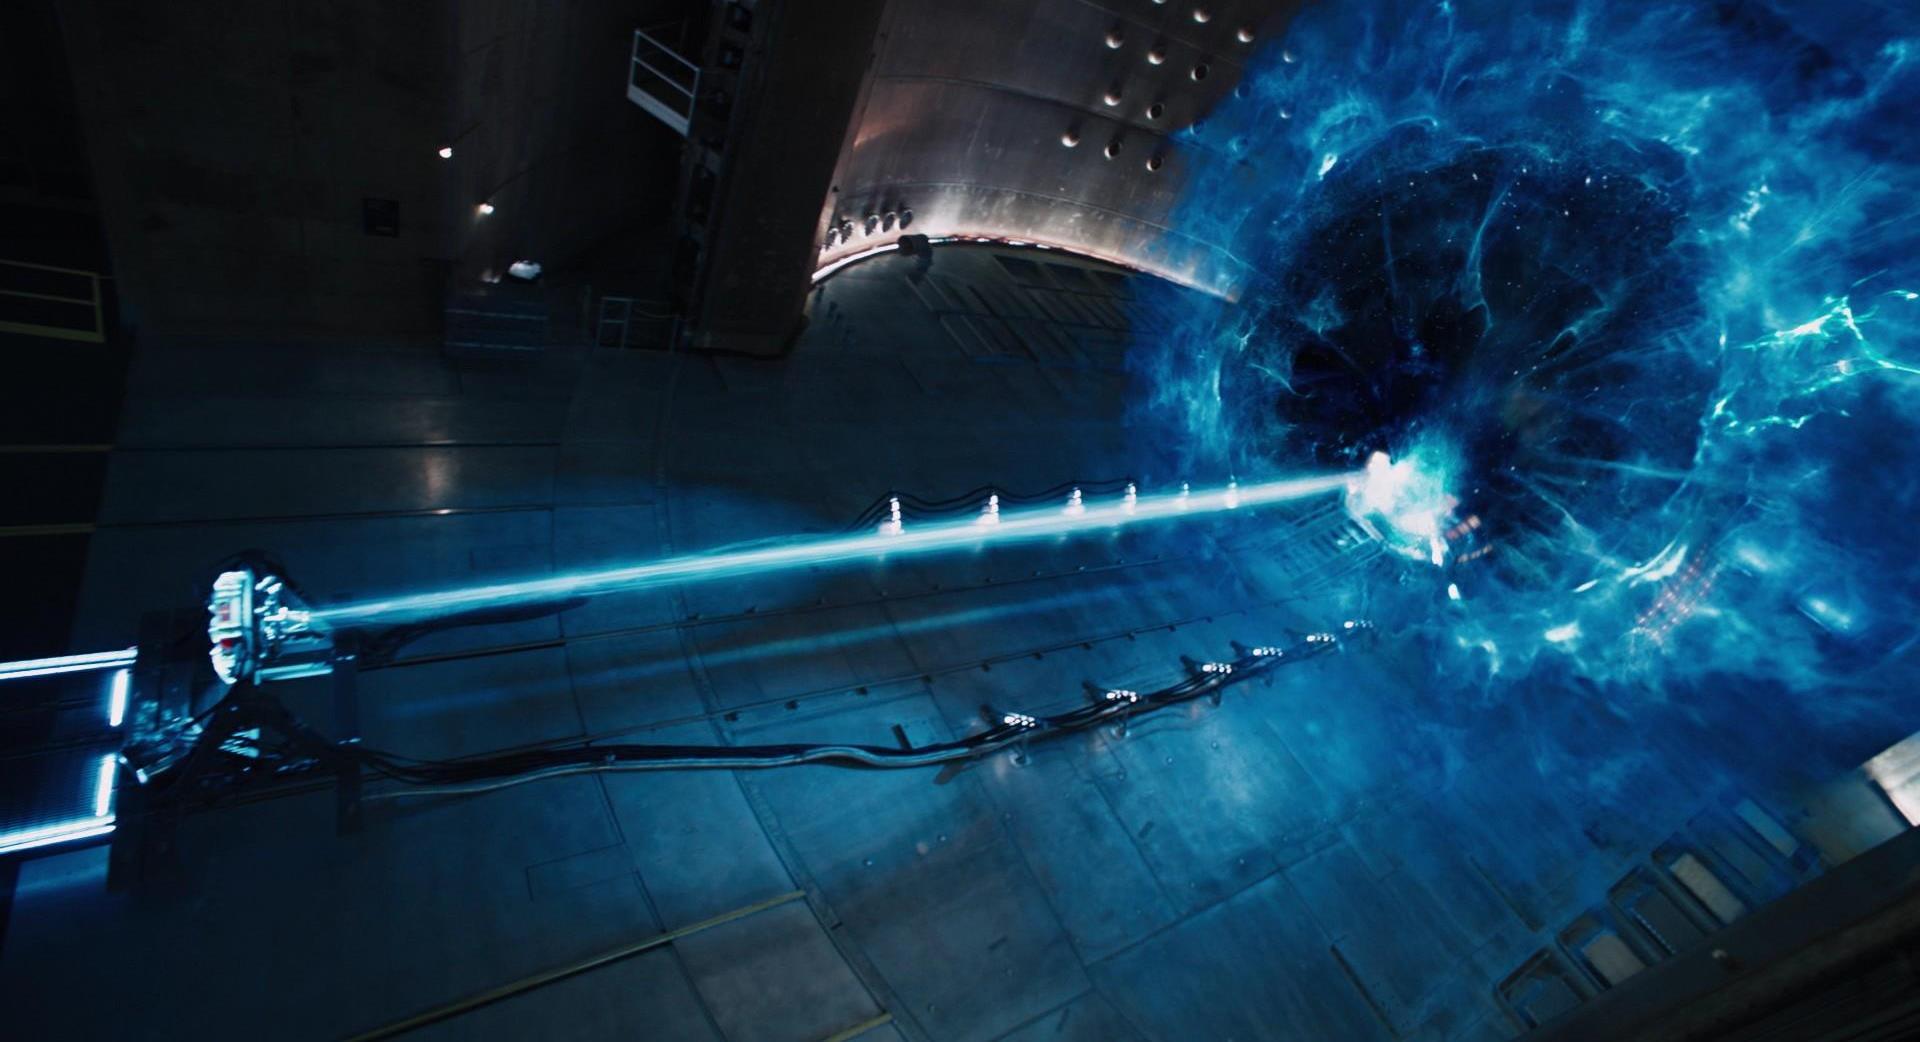 Blue laser 2